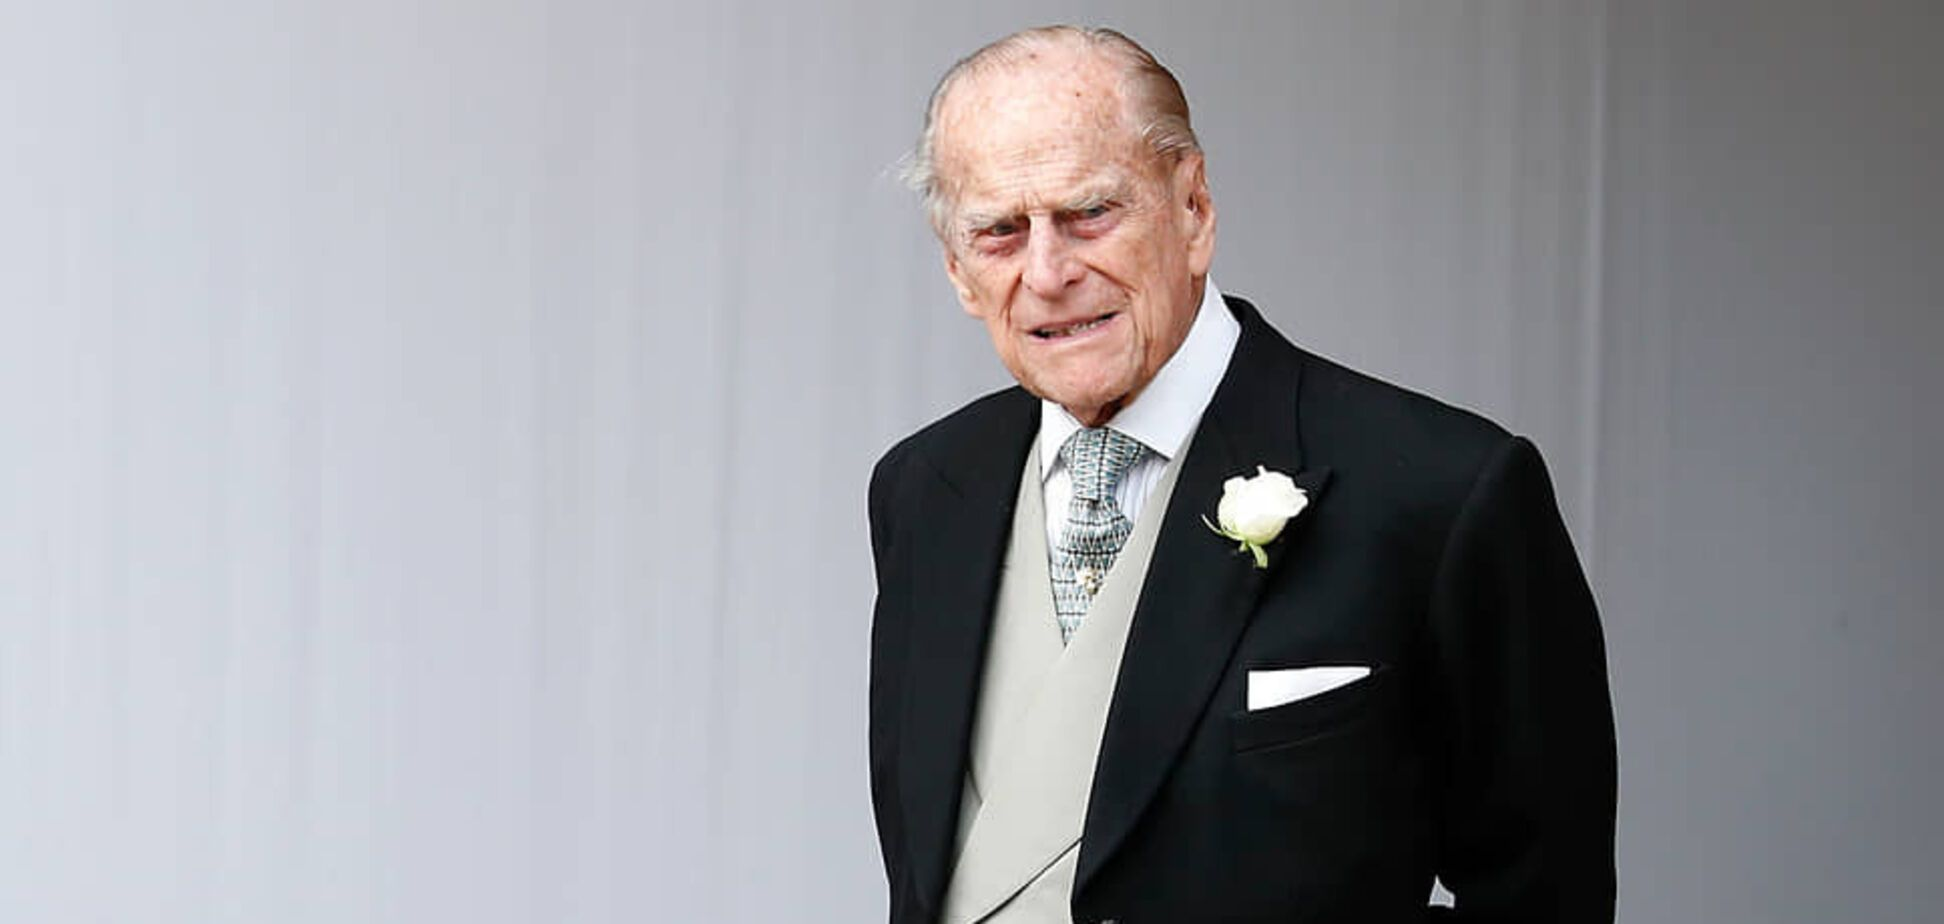 Тінь королеви: цікаві факти про покійного принца Філіпа